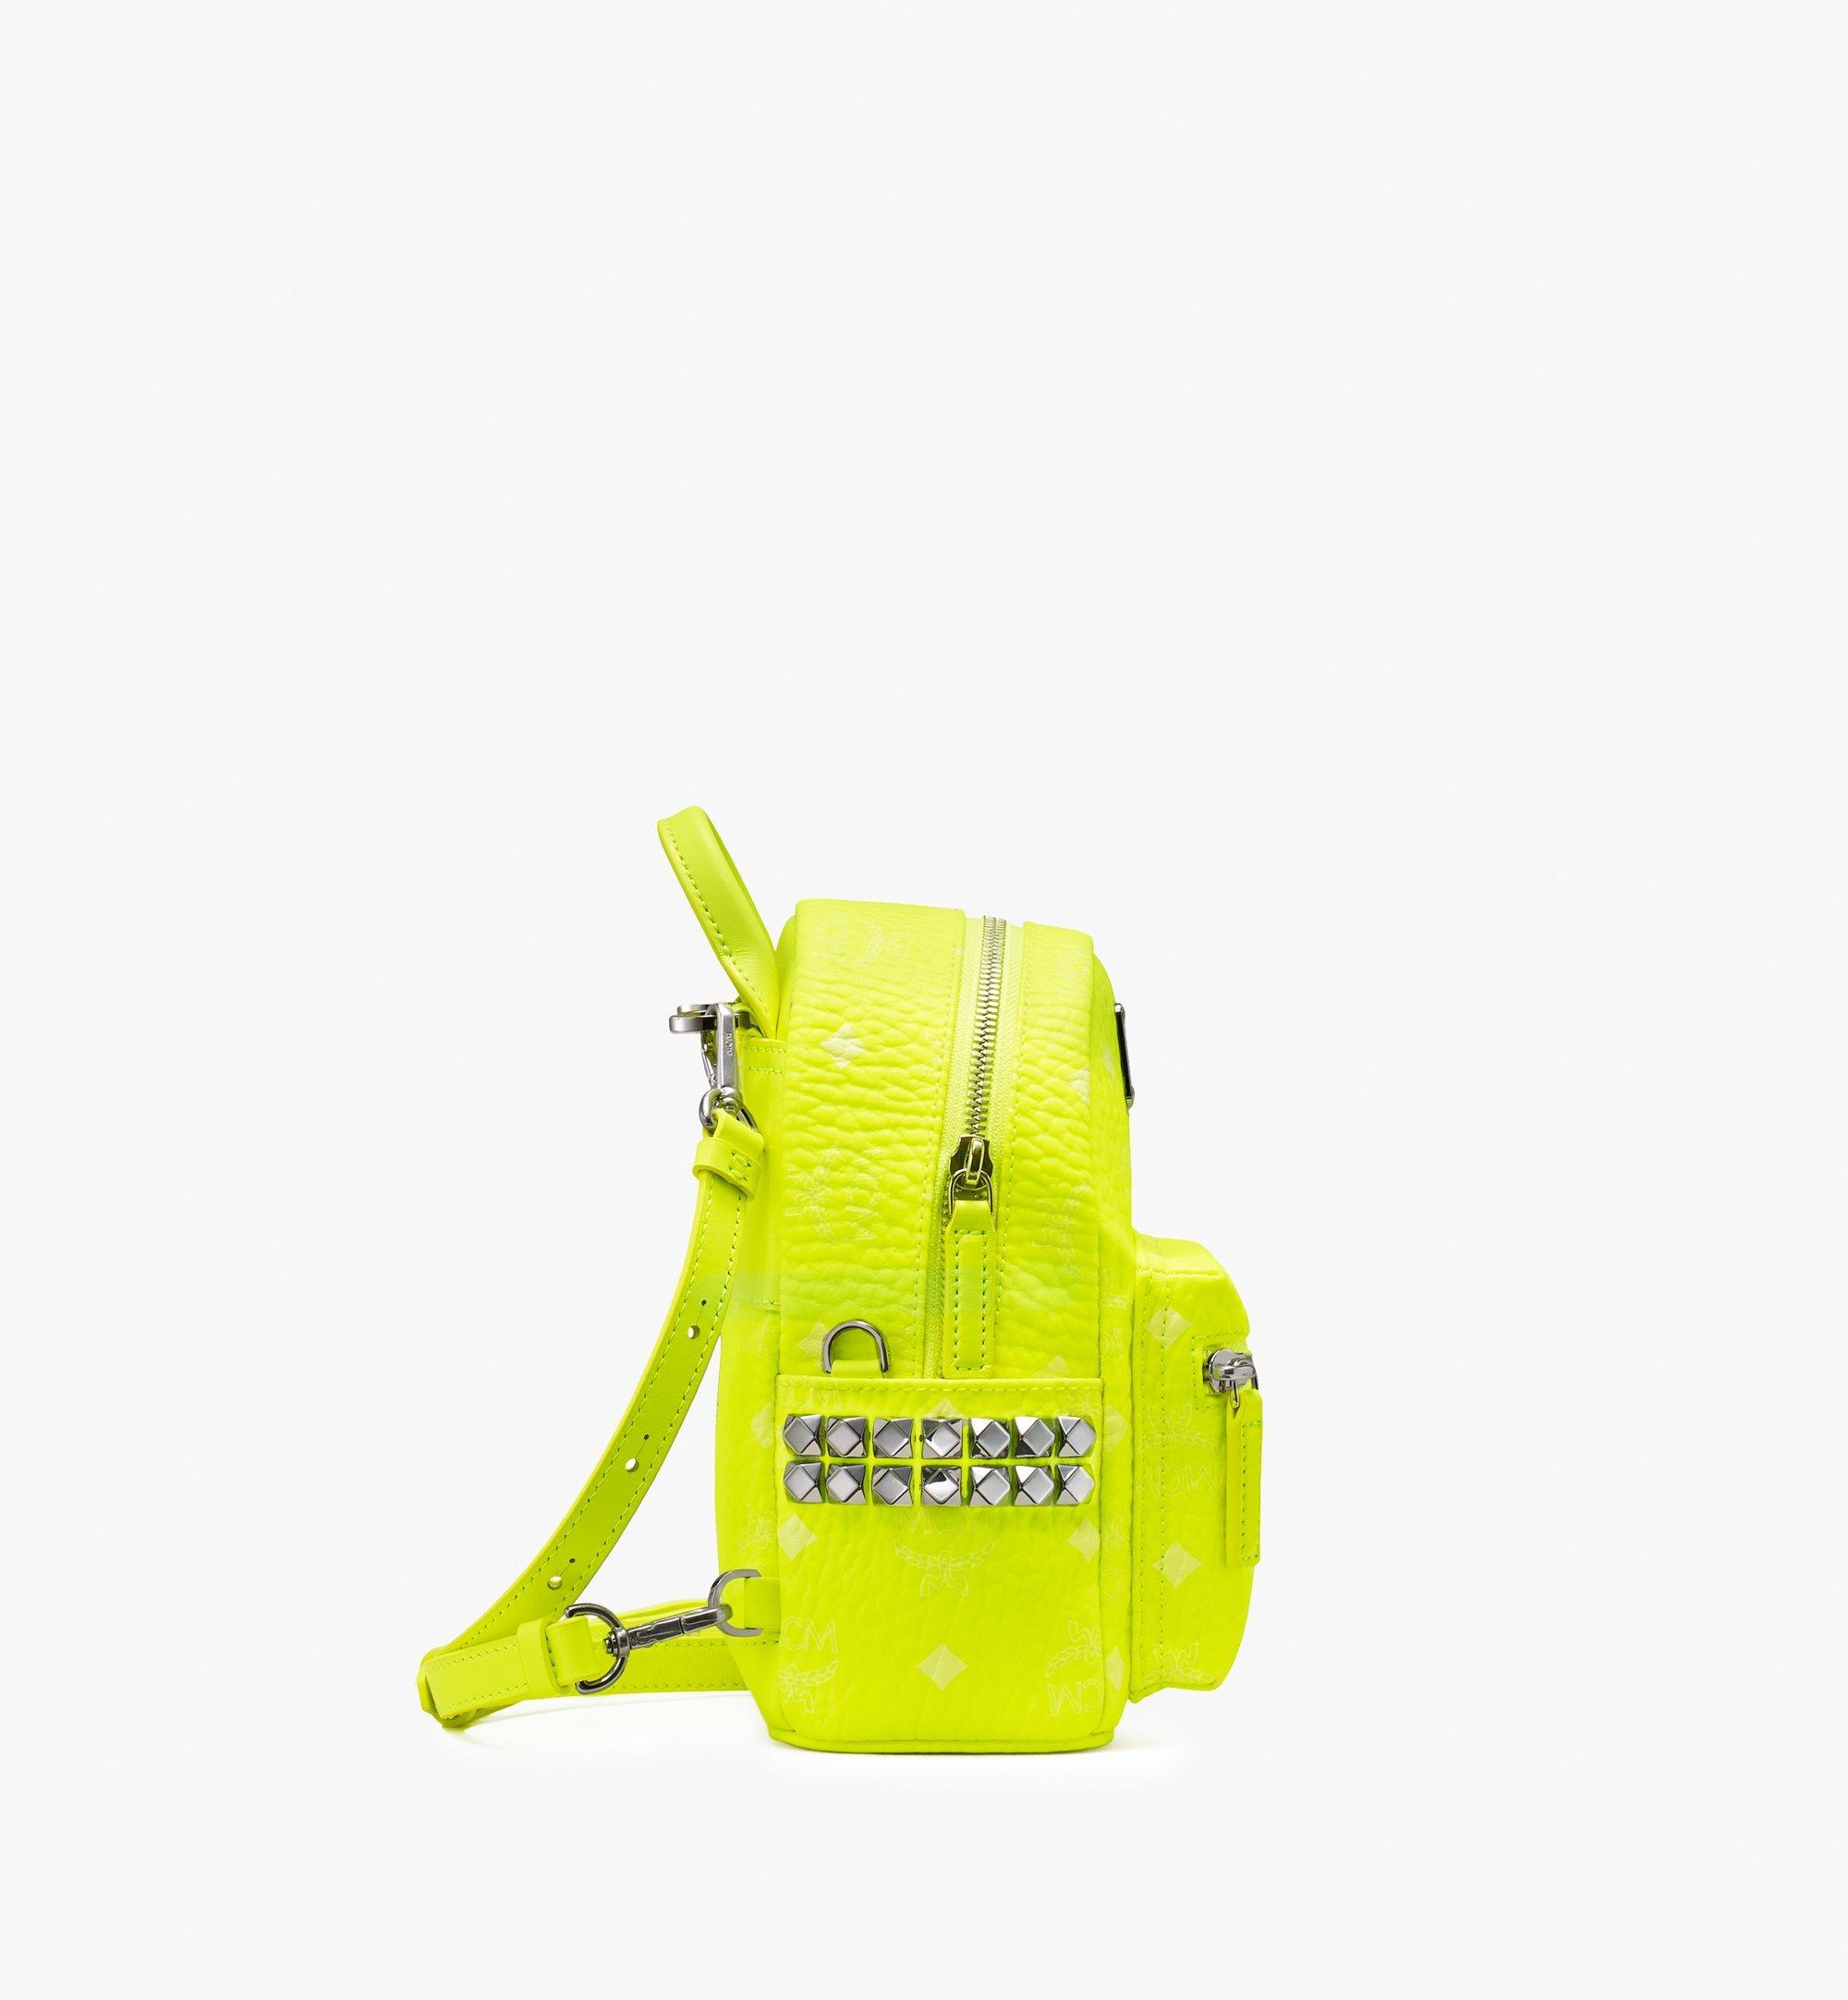 20 cm 8 in Stark Rucksack in Neon Visetos Neon Yellow